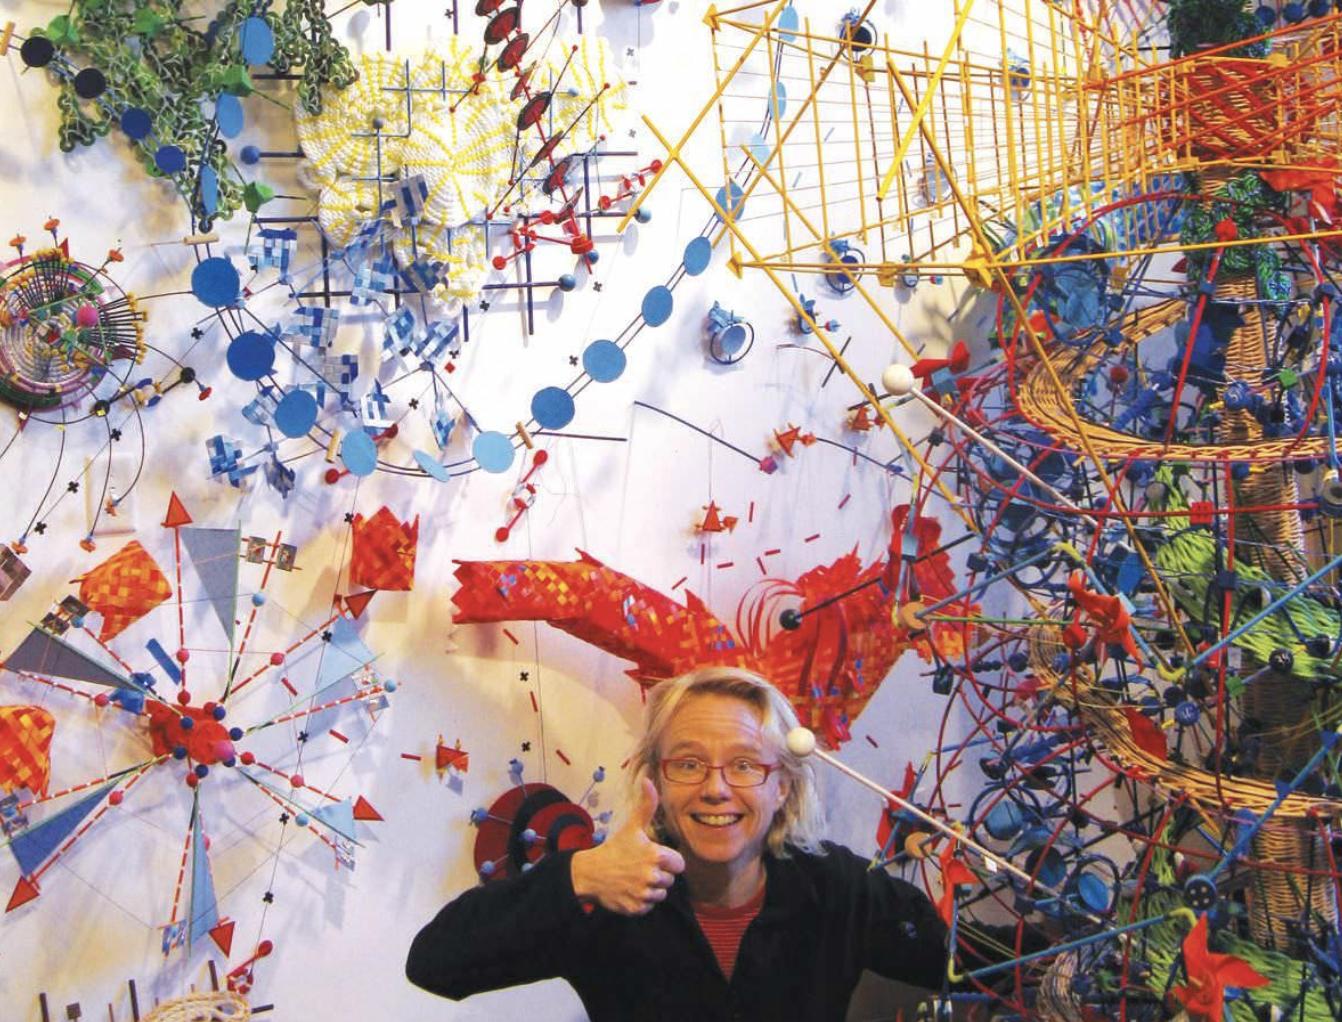 nathalie-miebach-data-artist